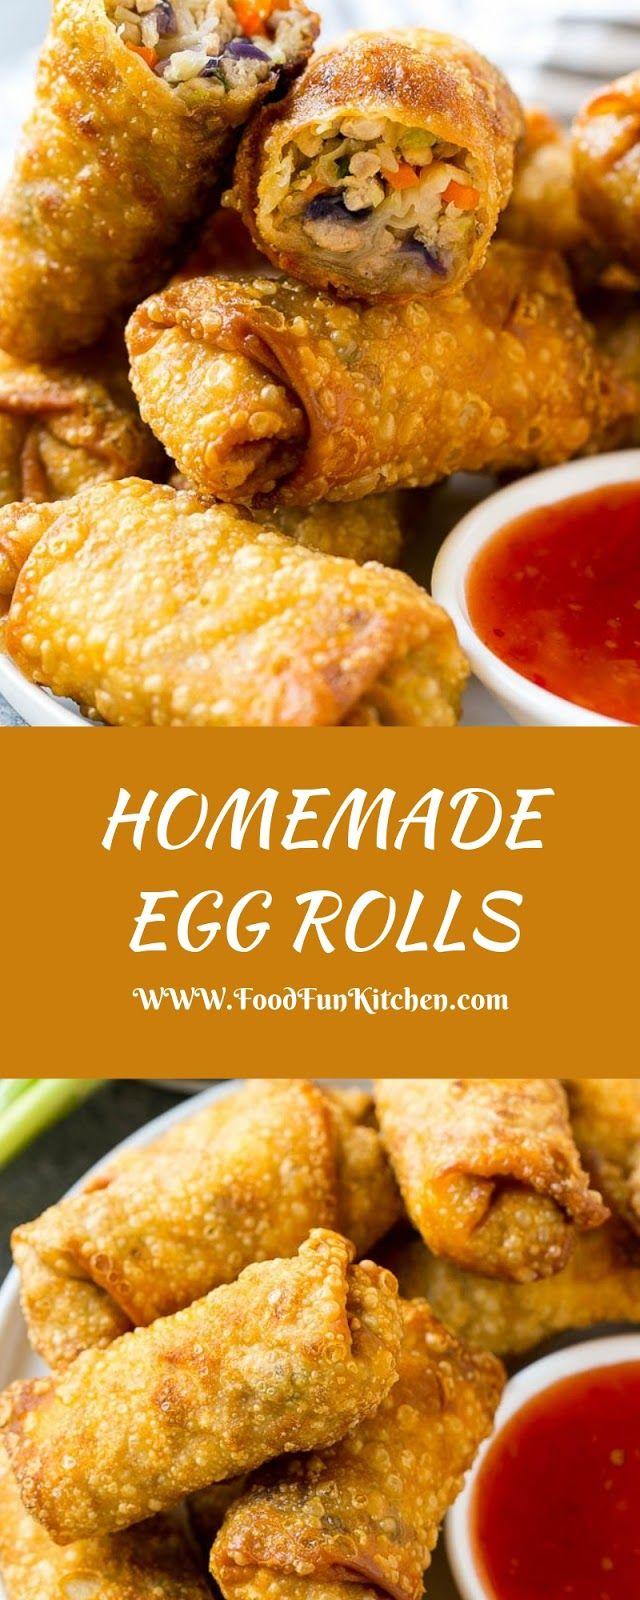 HOMEMADE EGG ROLLS #eggrolls